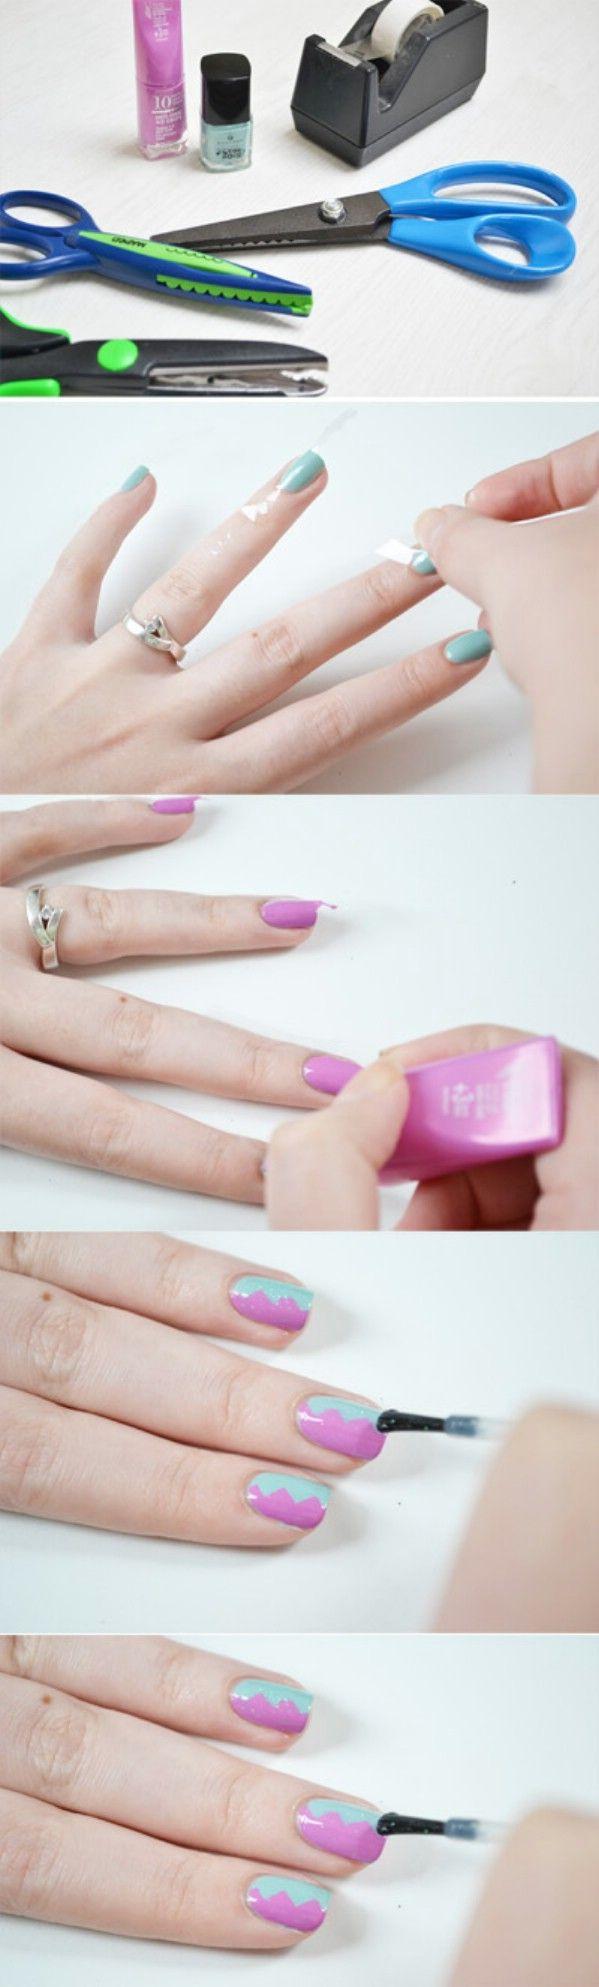 Fácil de dos colores Nails - 40 de bricolaje belleza Hacks Que Son Genius Borderline